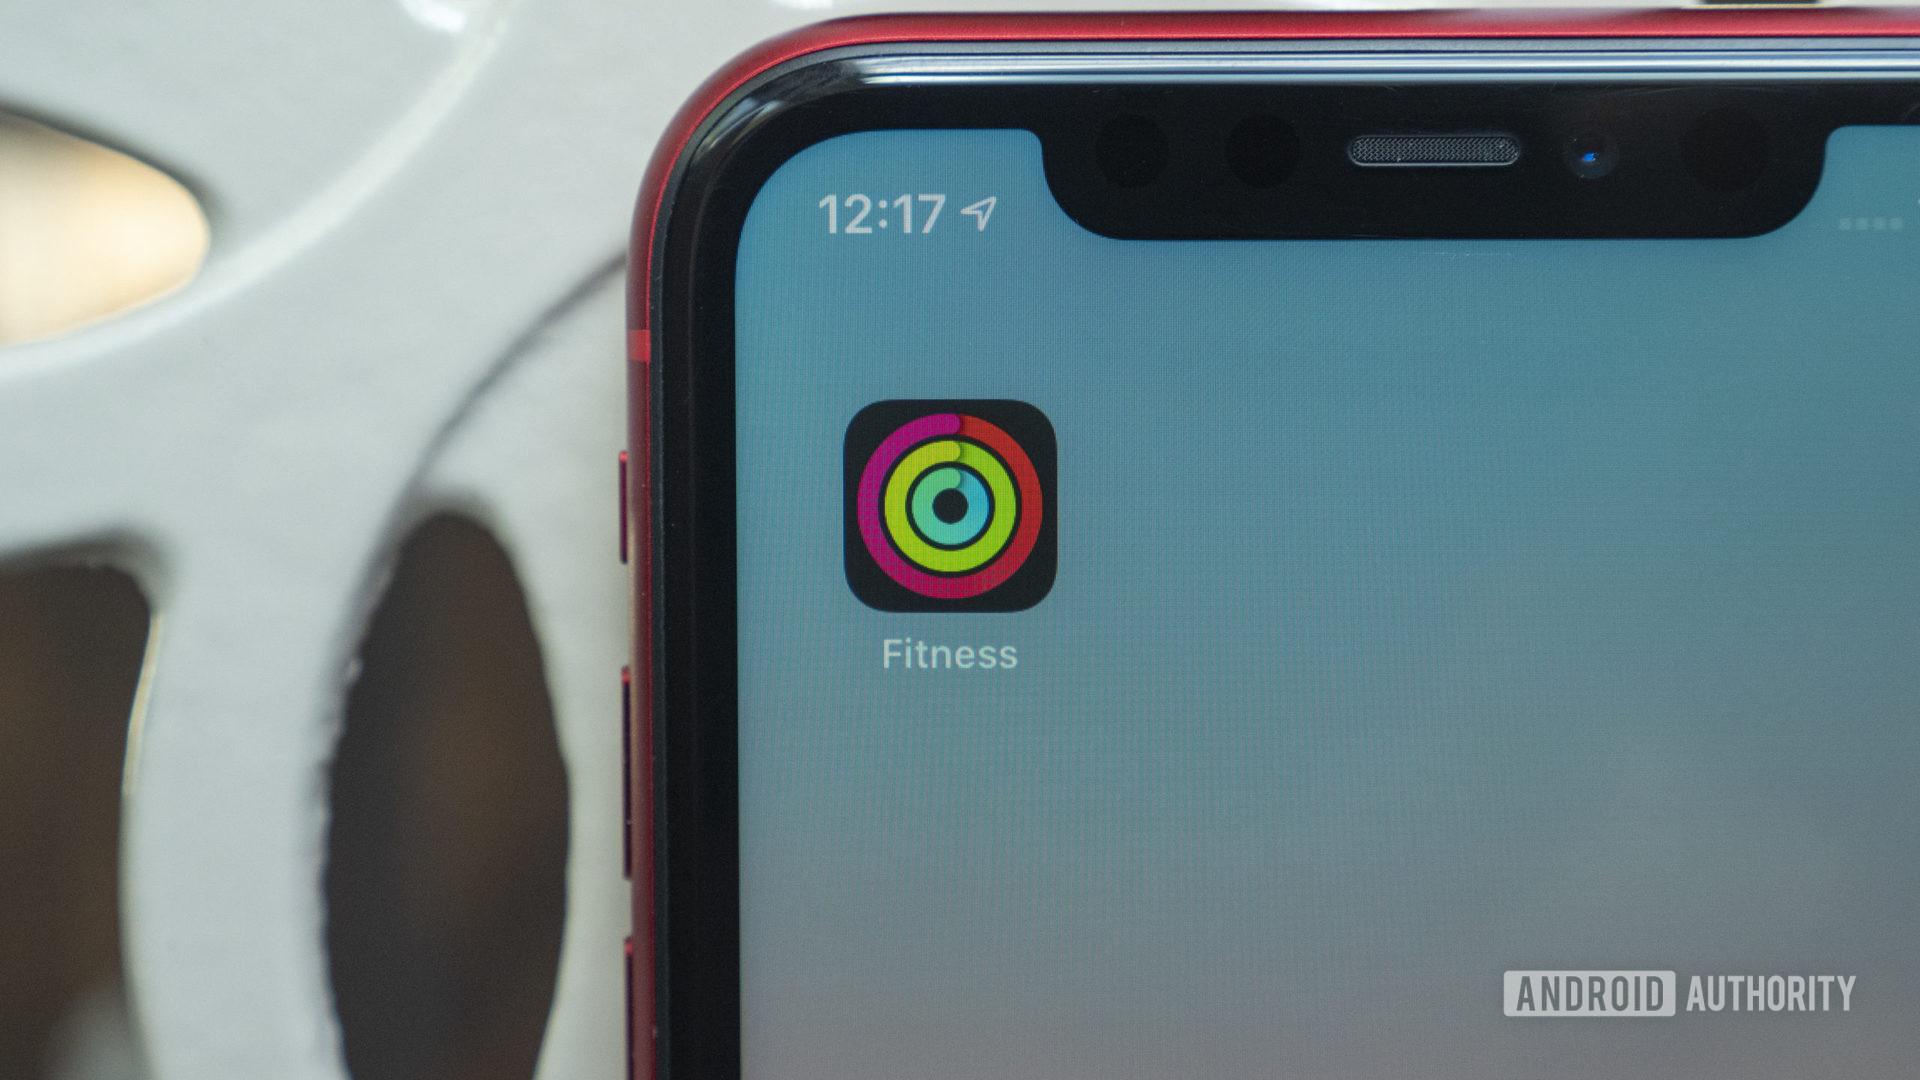 apple fitness app icon iphone 11